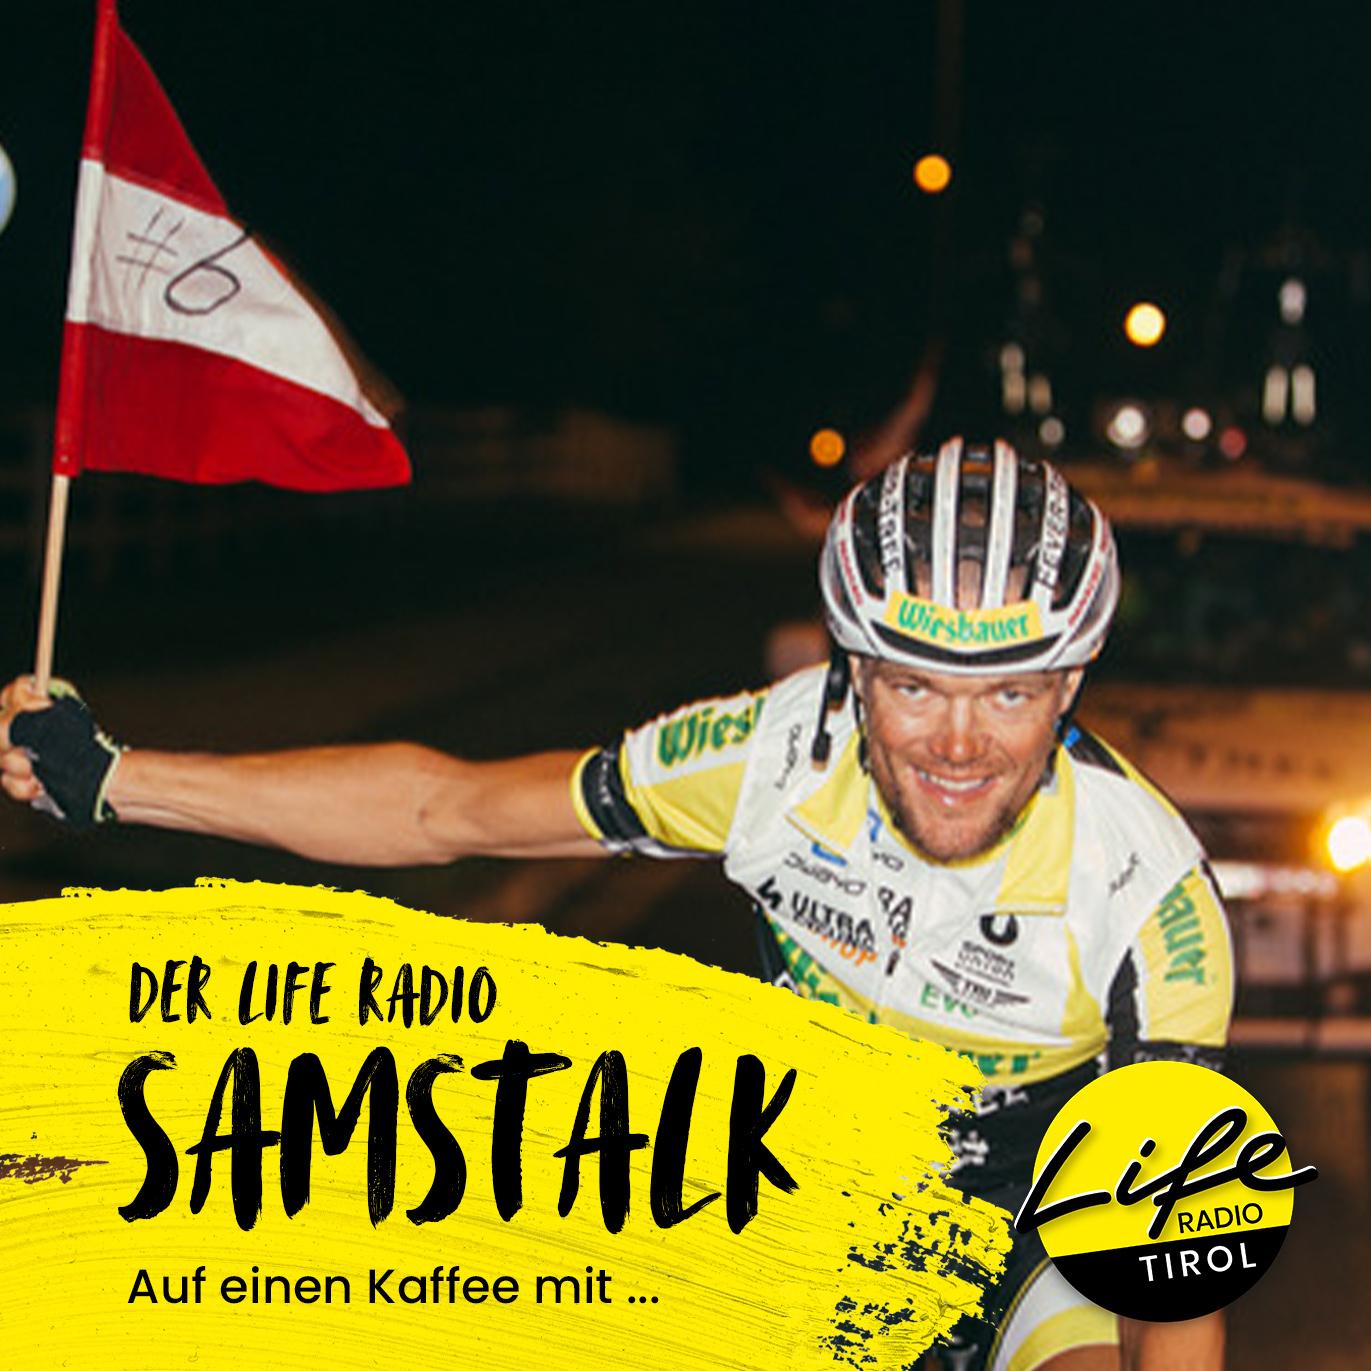 Auf einen Kaffee mit Extremradsportler Christoph Strasser